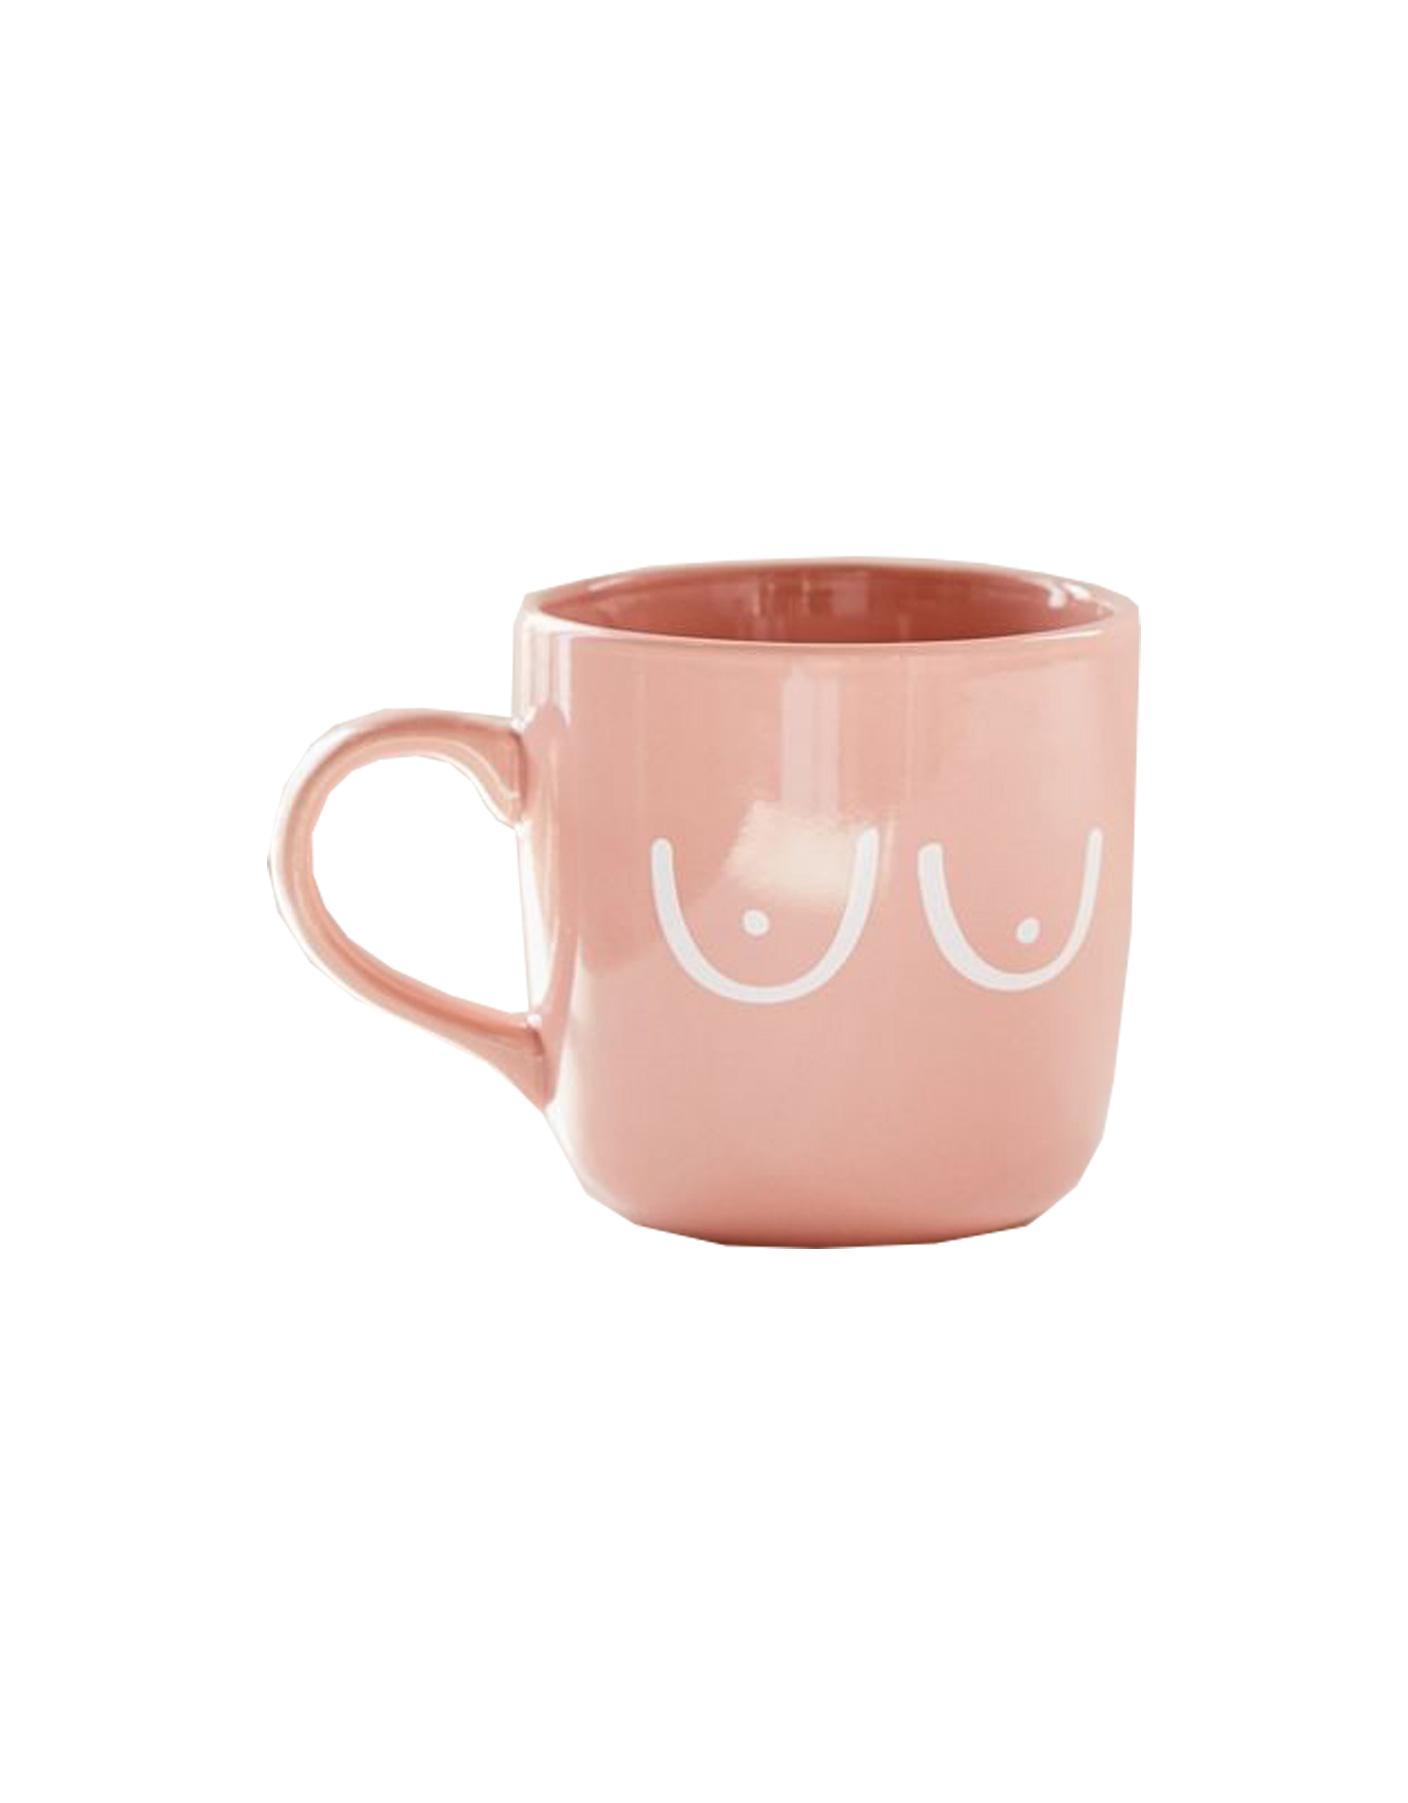 feb-cart-boob-mug.jpg